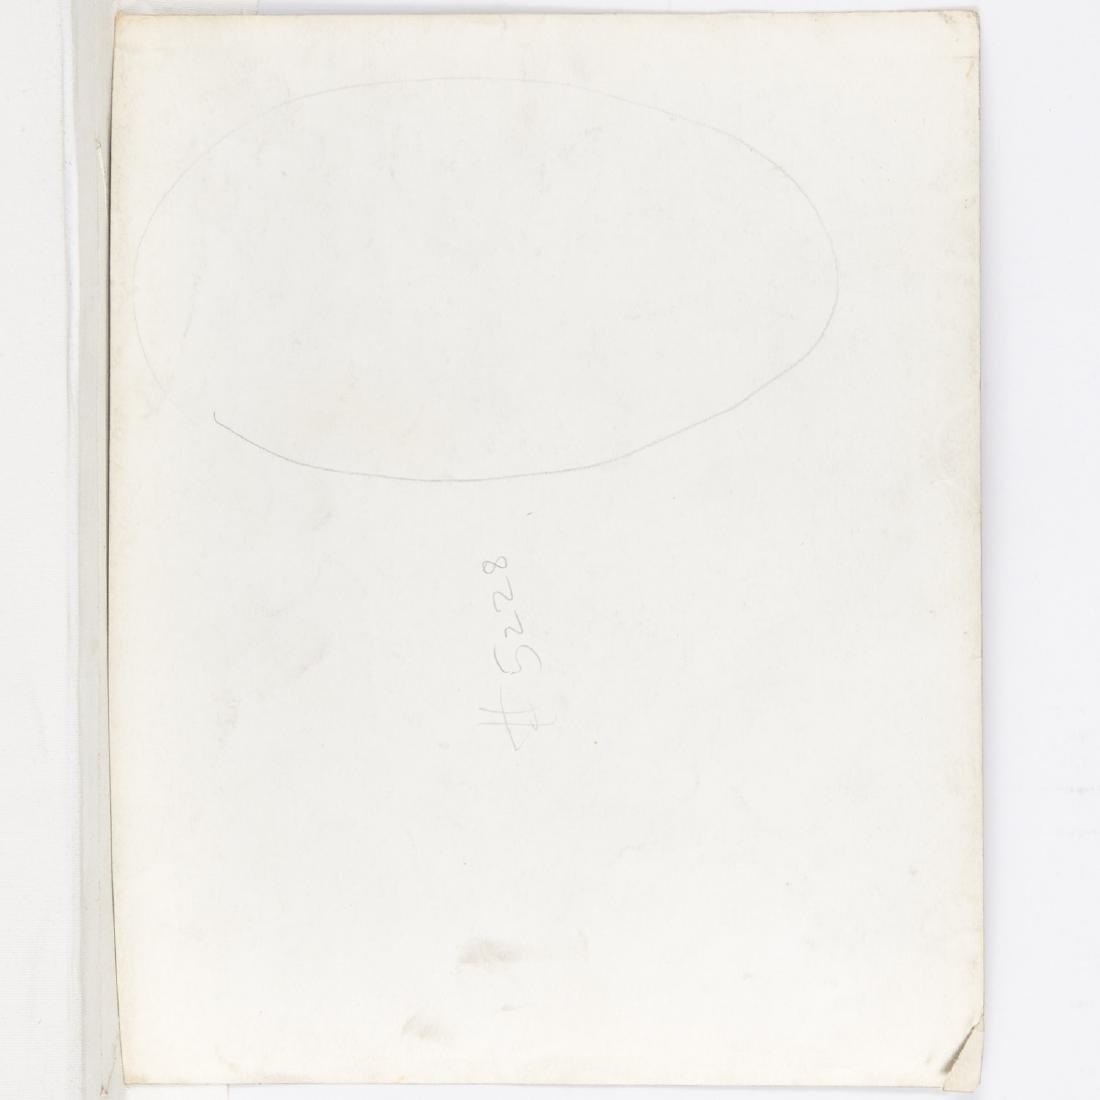 James Van Der Zee, photograph - 7